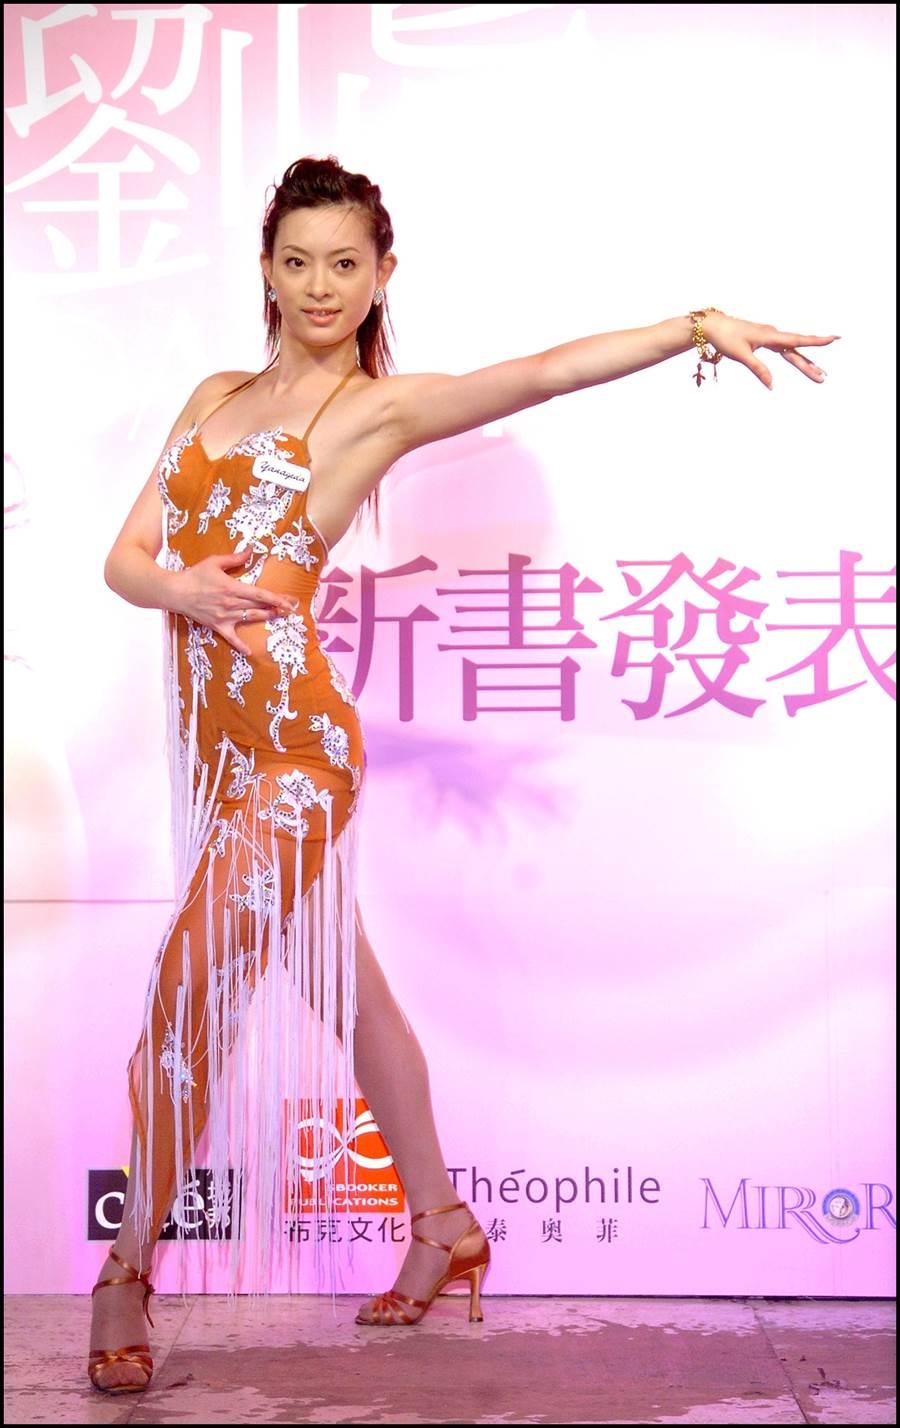 2004年劉真推出個人舞蹈生涯首本國際標準舞圖文書。(圖/中時資料照片)